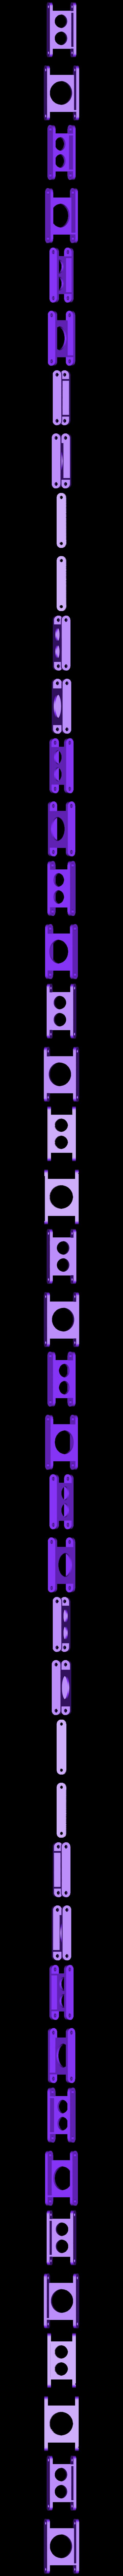 Scissor01.STL Télécharger fichier STL gratuit Accessoires pour le Hobbyking (Piccole Ali) Macchi C.205 Veltro ARF • Modèle pour impression 3D, tahustvedt